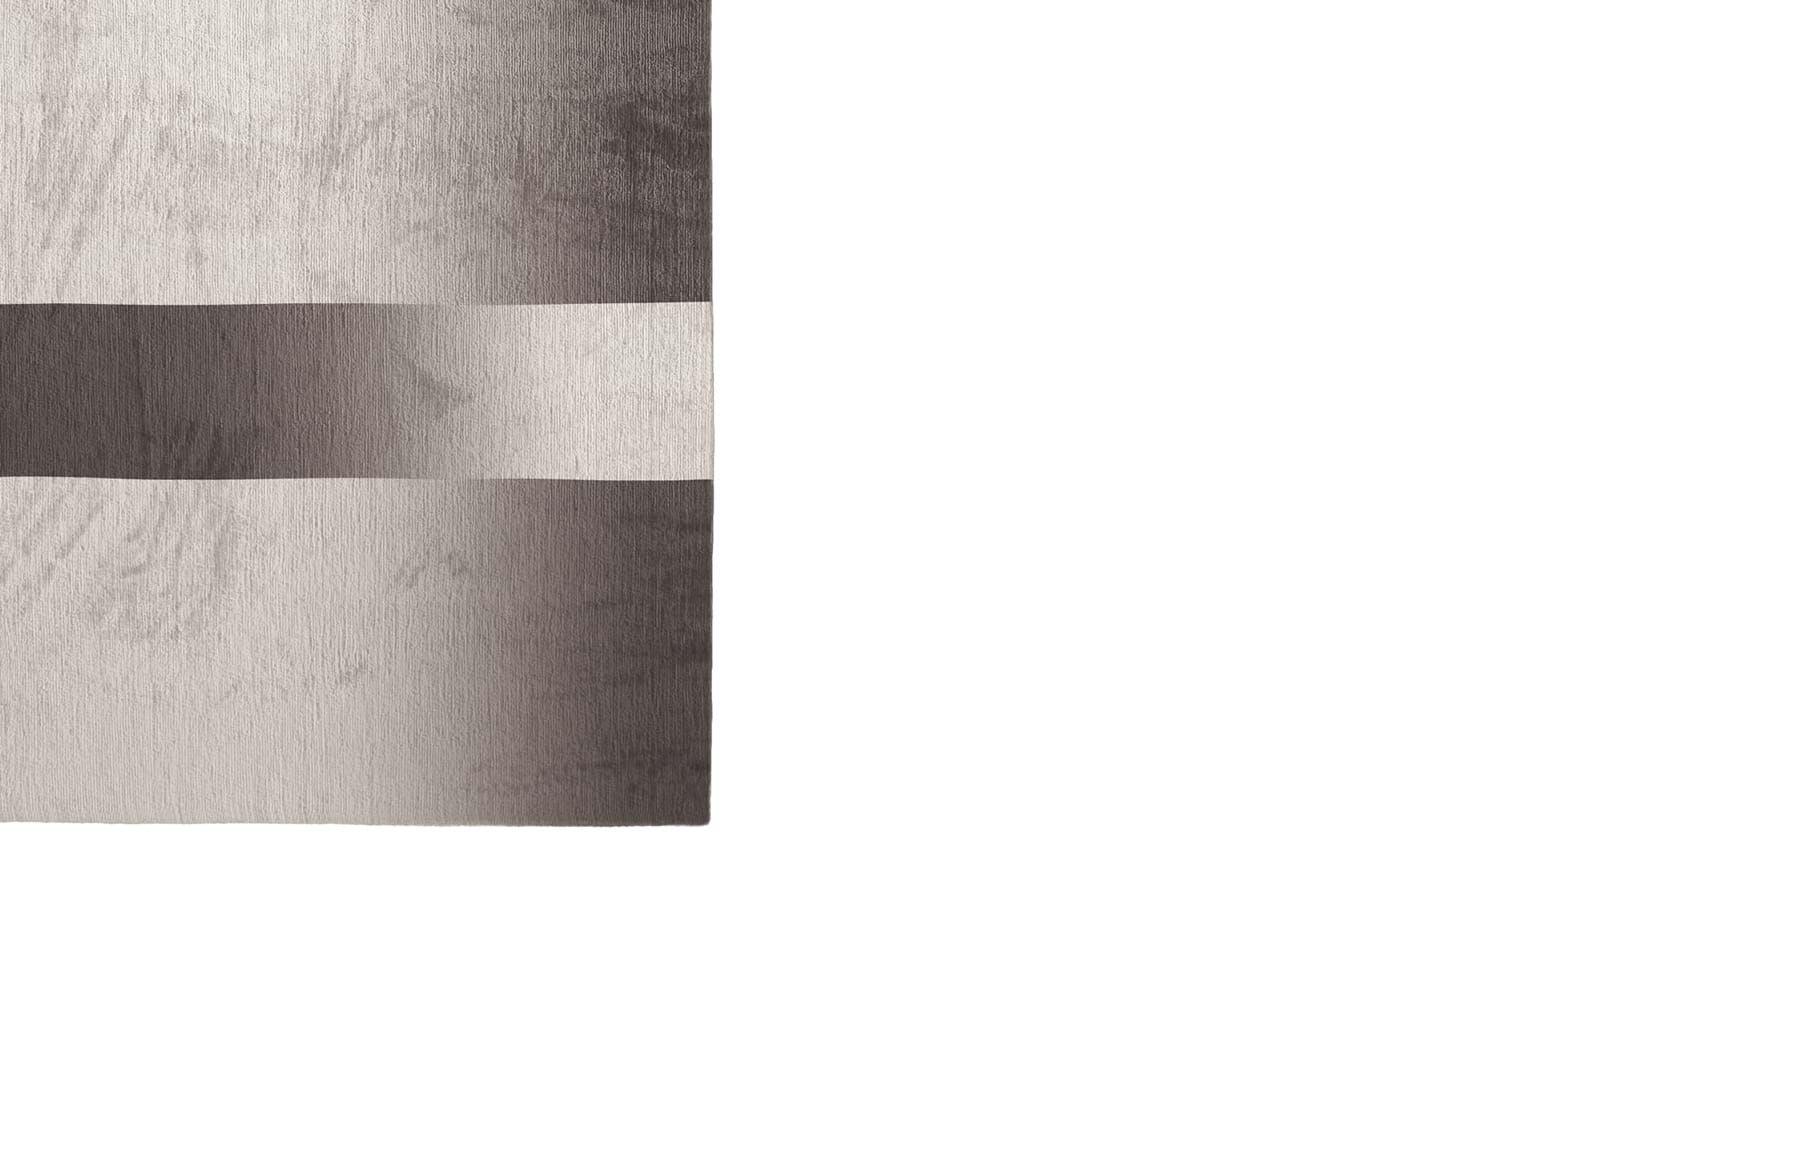 Shades Rugs 1 (с изображениями)